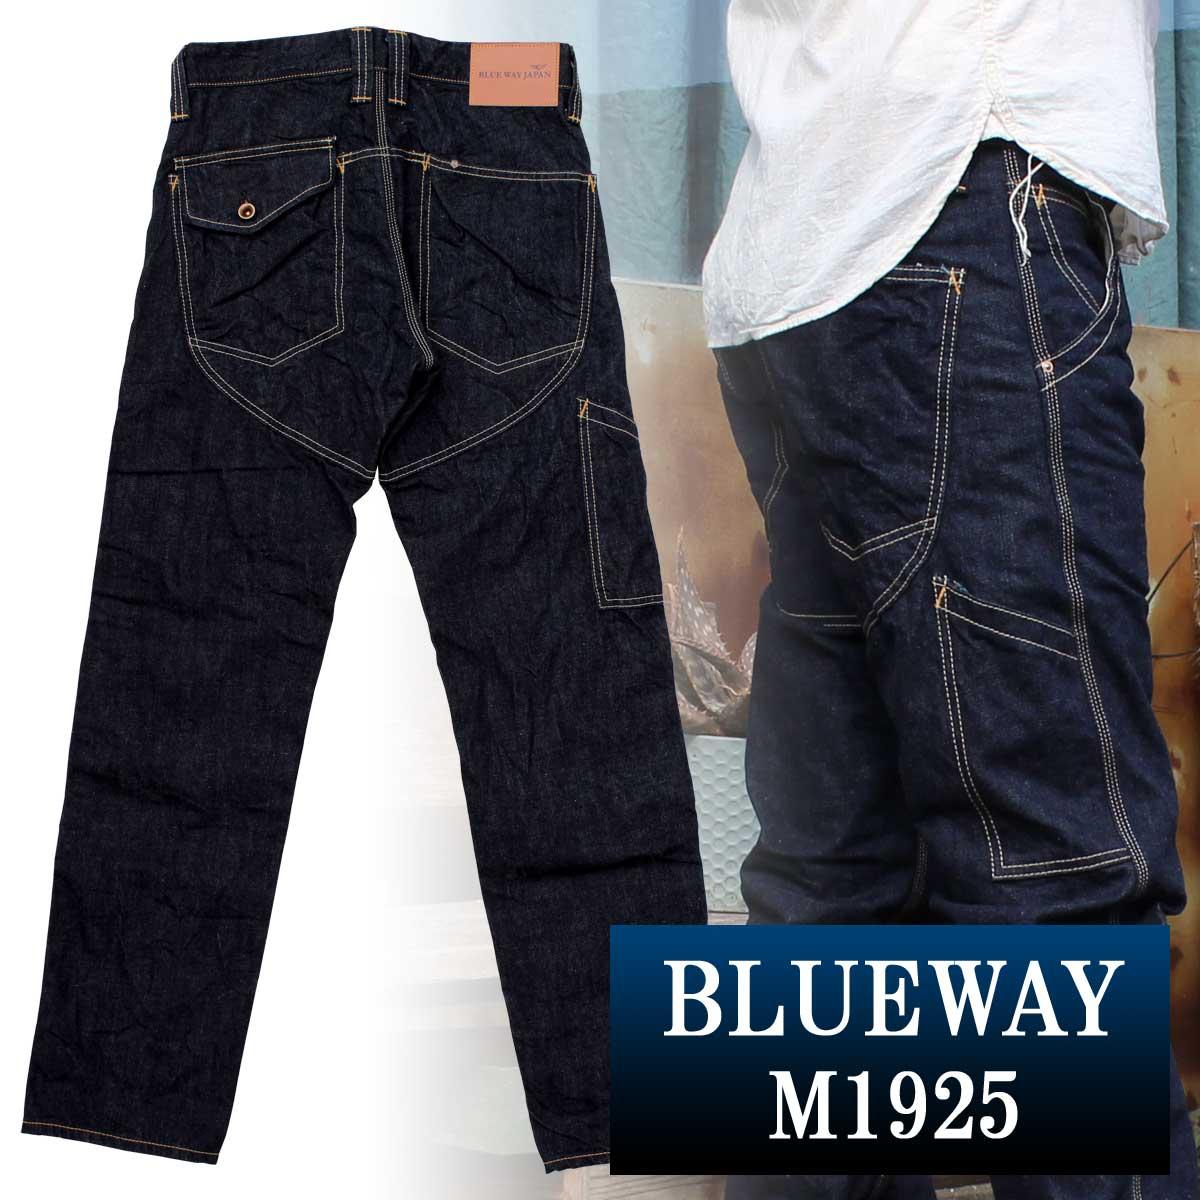 BLUEWAY:13.5ozビンテージデニム・ロガー ワークパンツ(ワンウォッシュ):M1925-8100 ブルーウェイ ジーンズ メンズ デニム 裾上げ ストレート